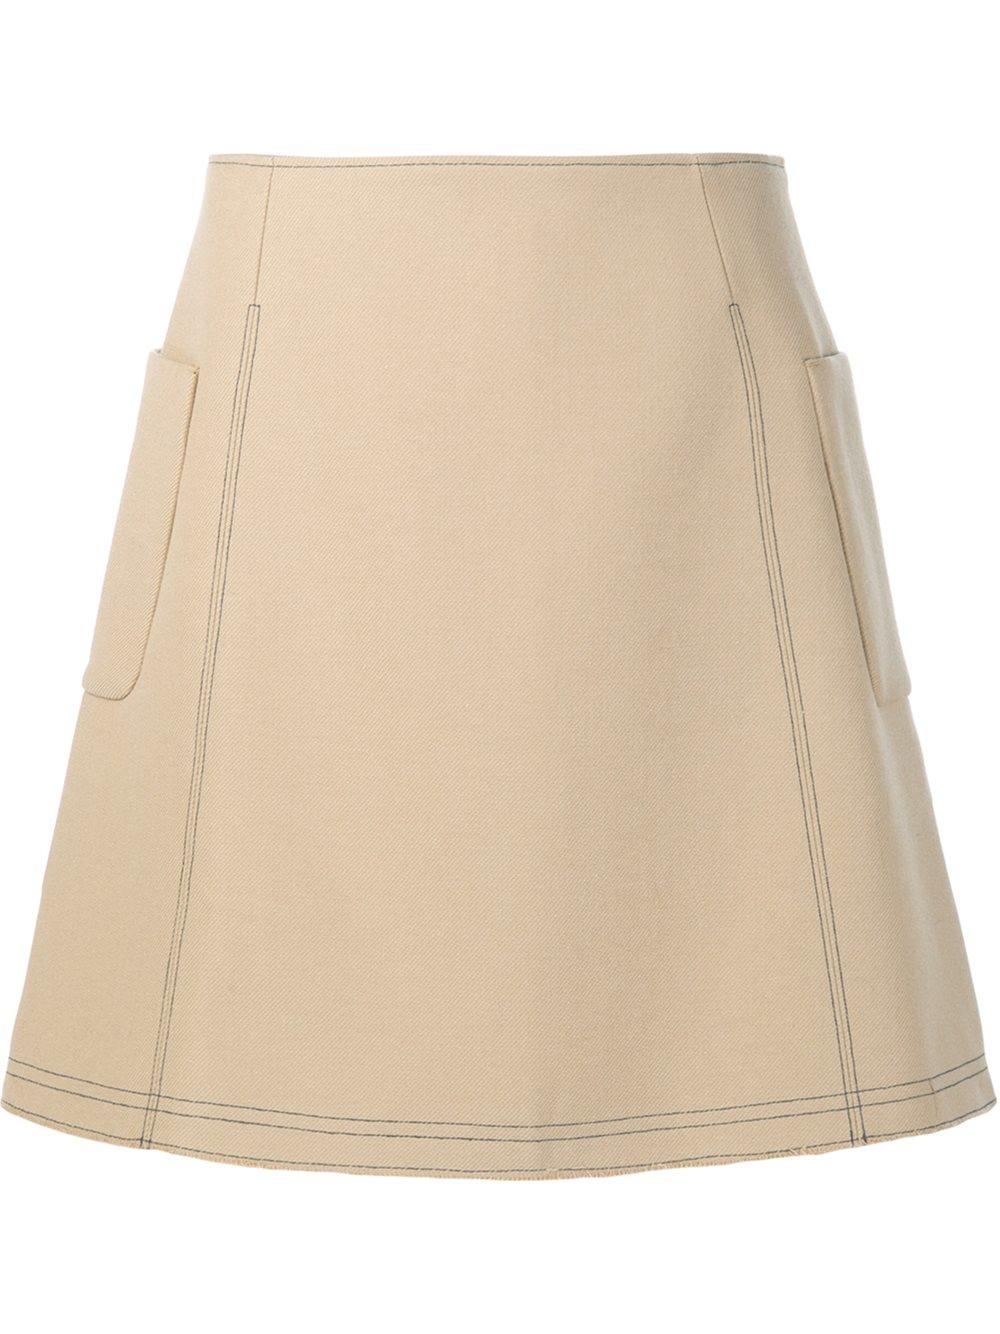 Wood Skirt 118